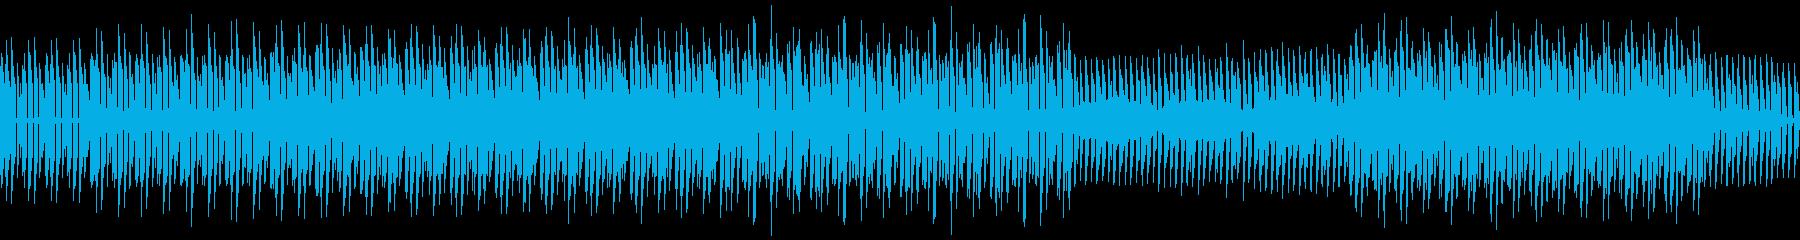 無機質なロボットテクノの再生済みの波形